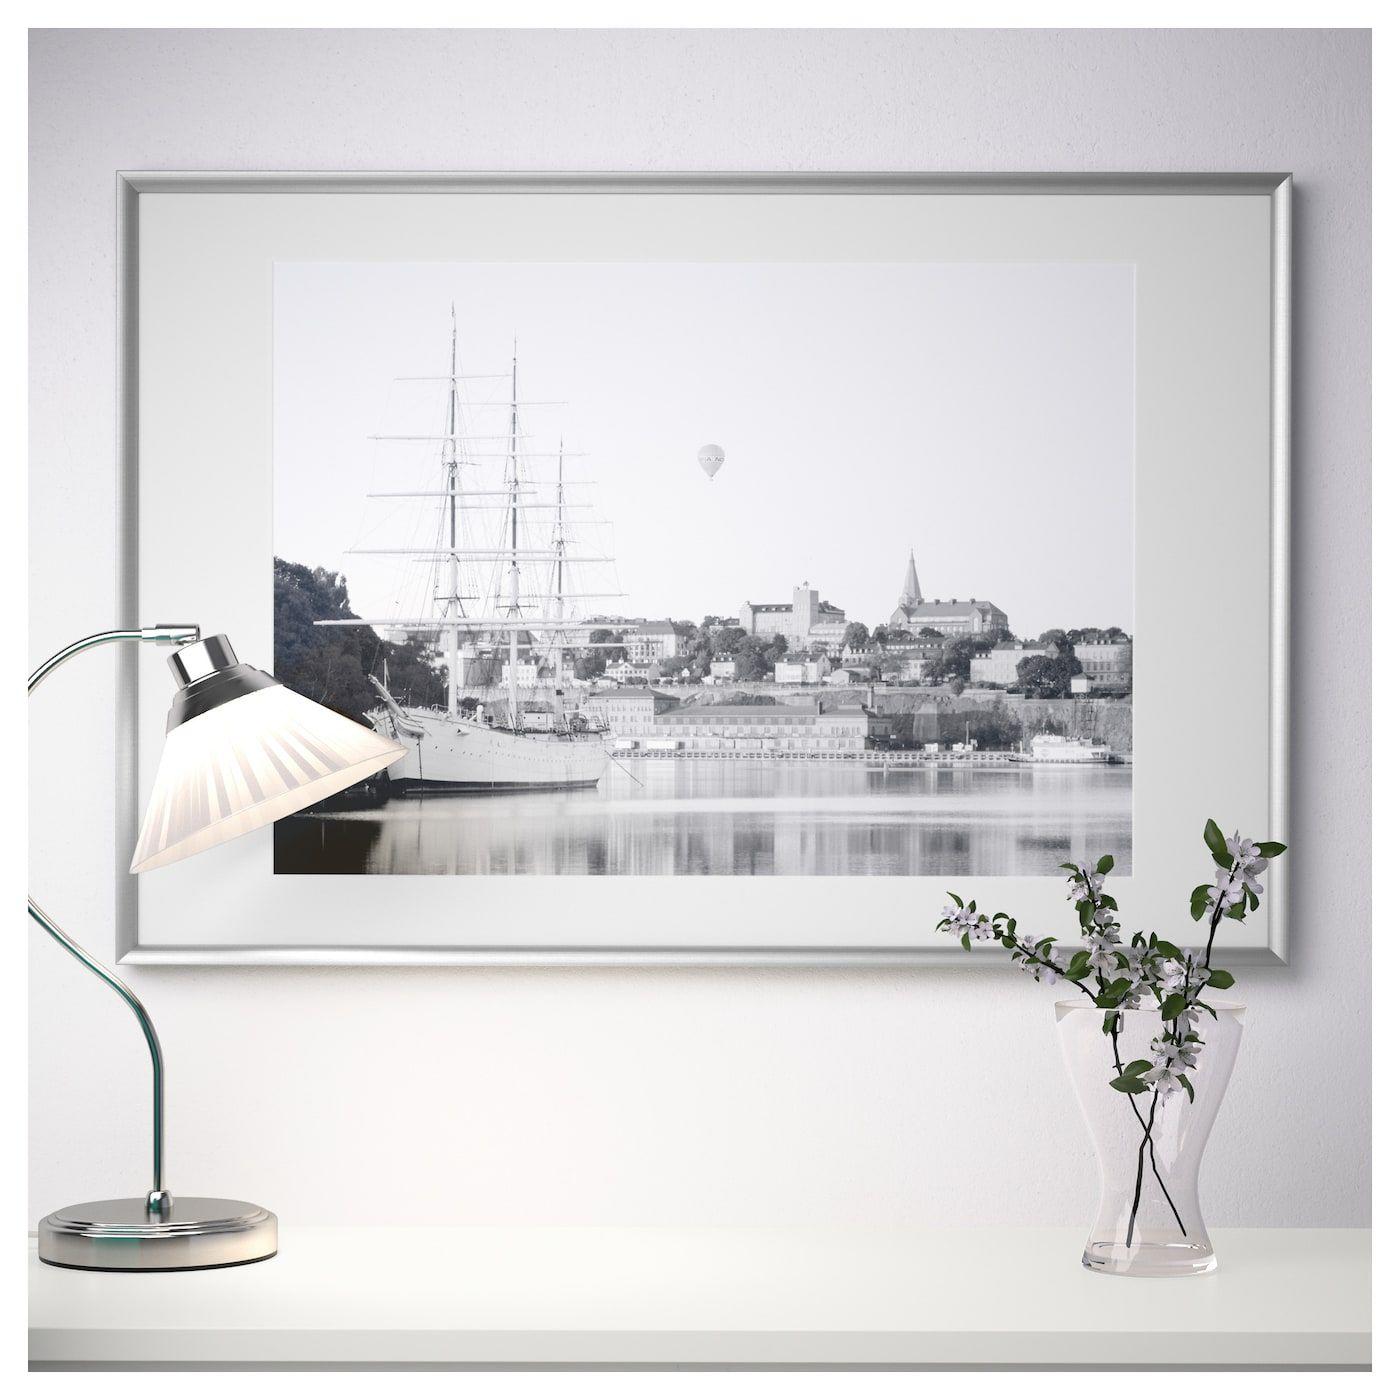 Silverhojden Rahmen Silberfarben Gerahmte Wand Rahmen Und Fotorahmen